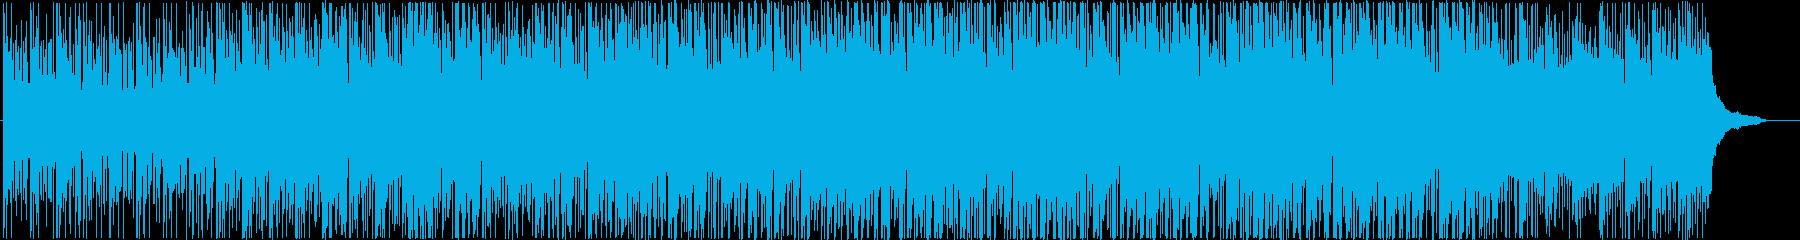 クールさの中に温かみも感じるエレクトの再生済みの波形